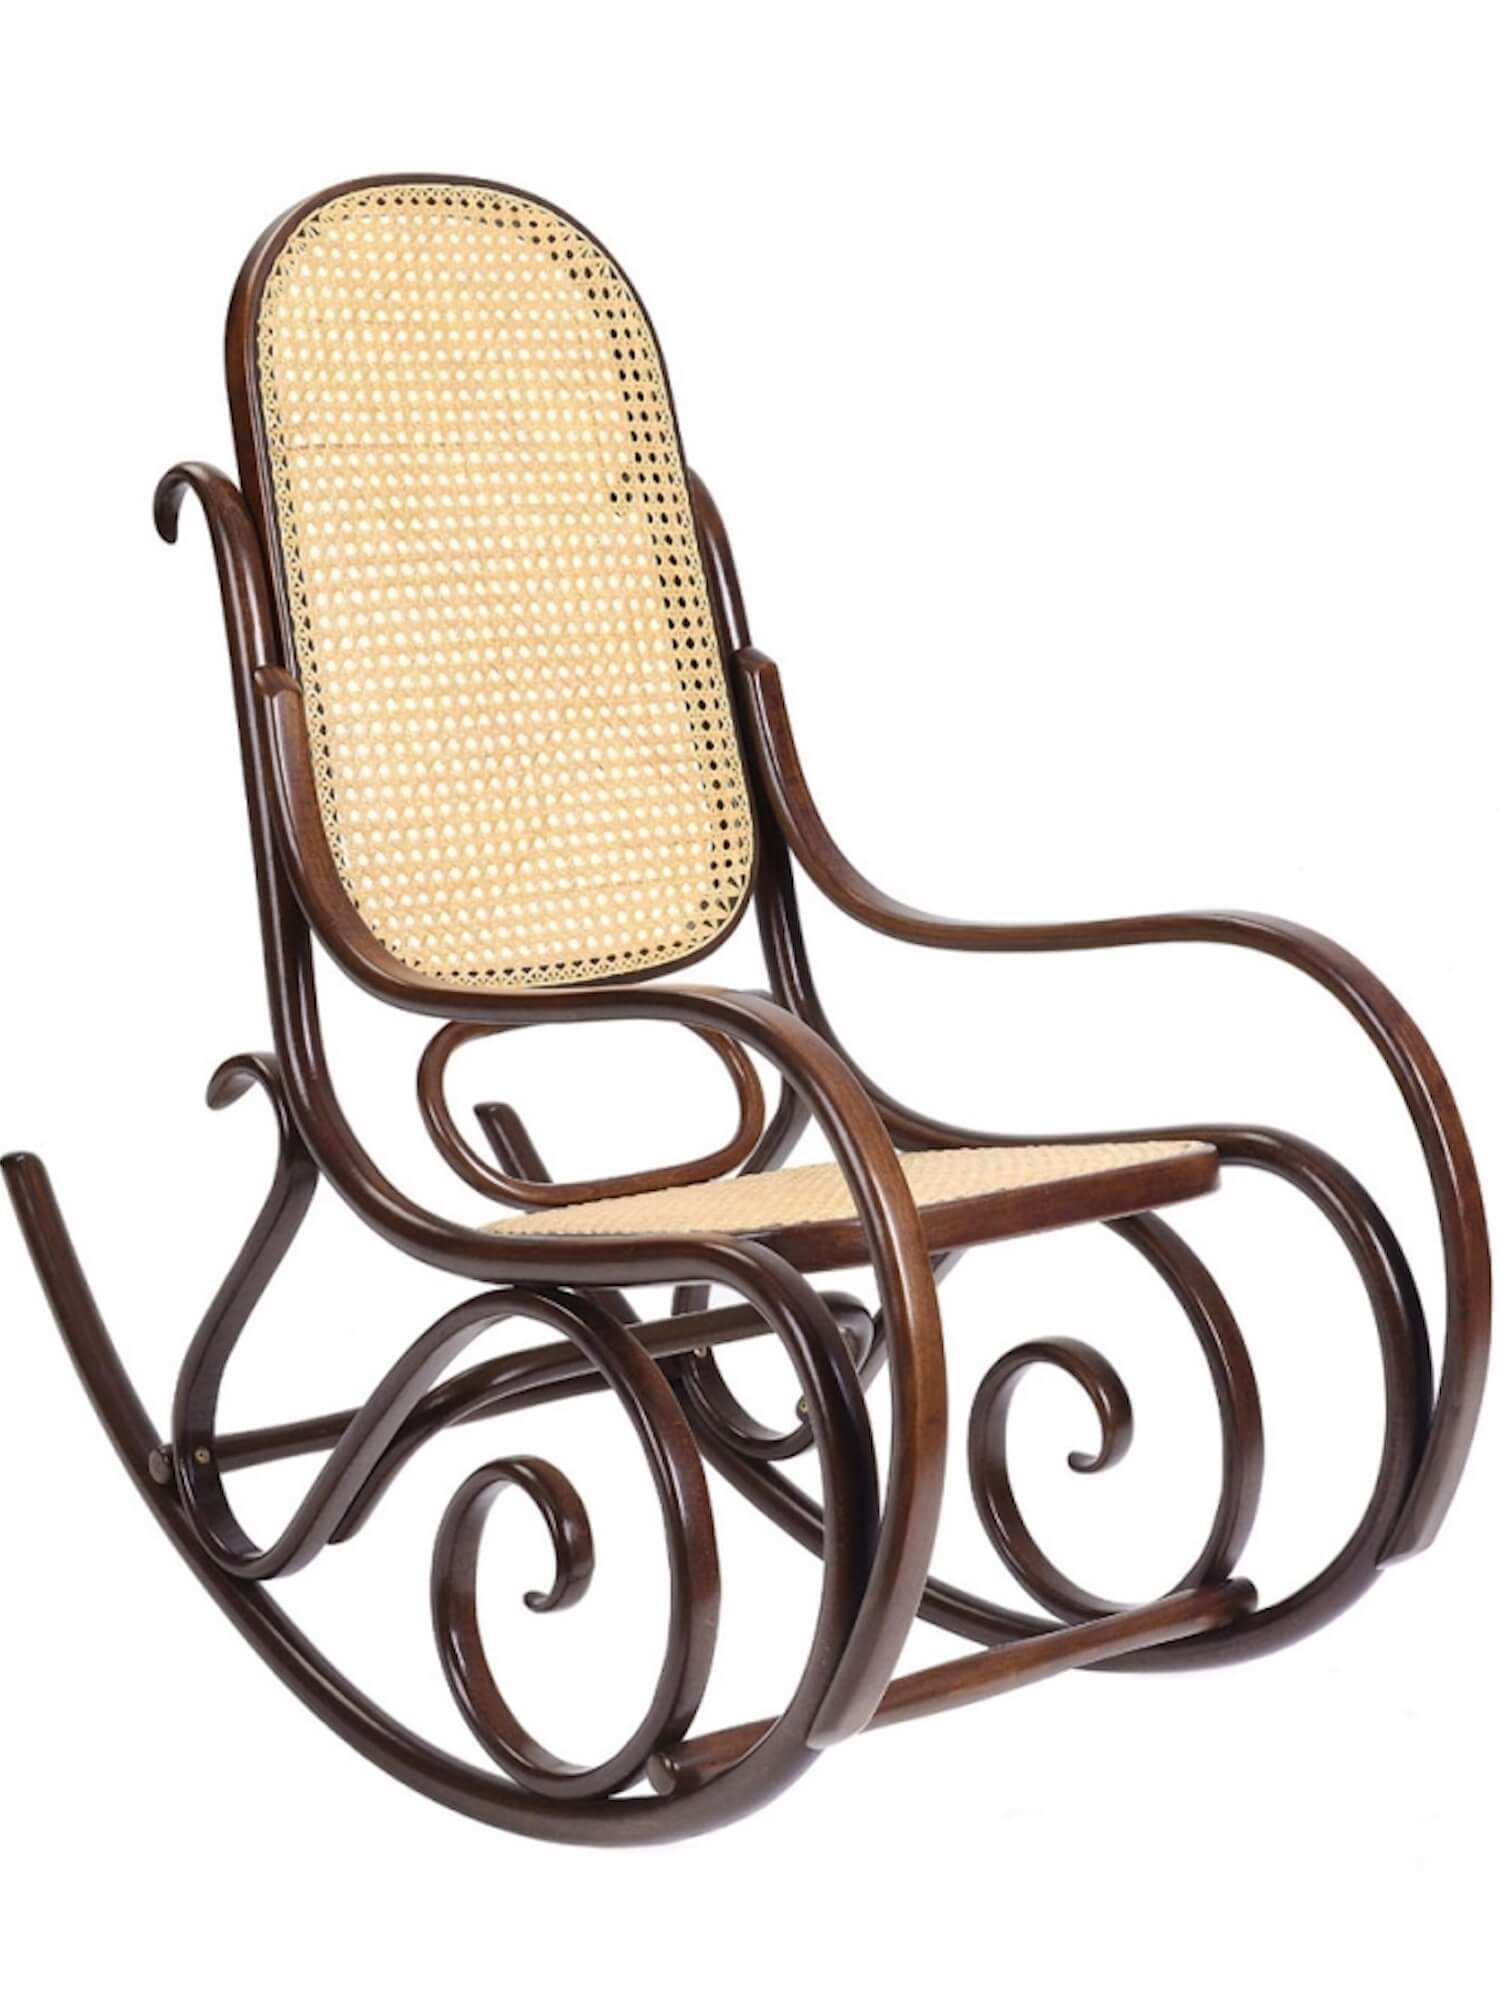 est living the est edit no.21 thonet rocking chair space furniture 1